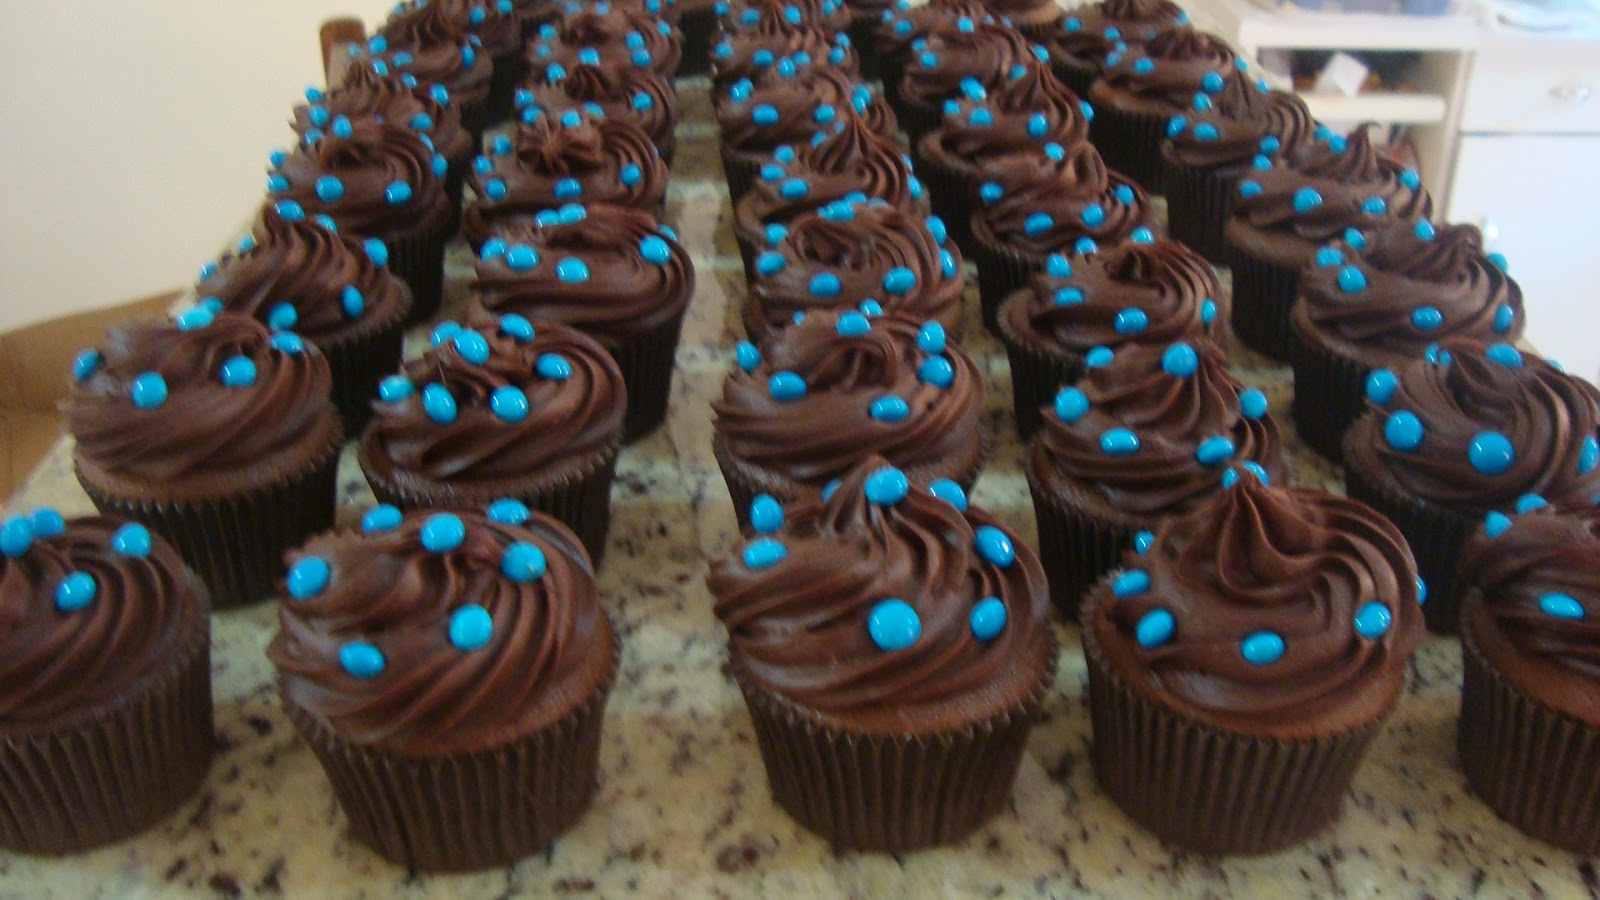 Cupcakes Deliciosos Cupcakes Azul E Marrom